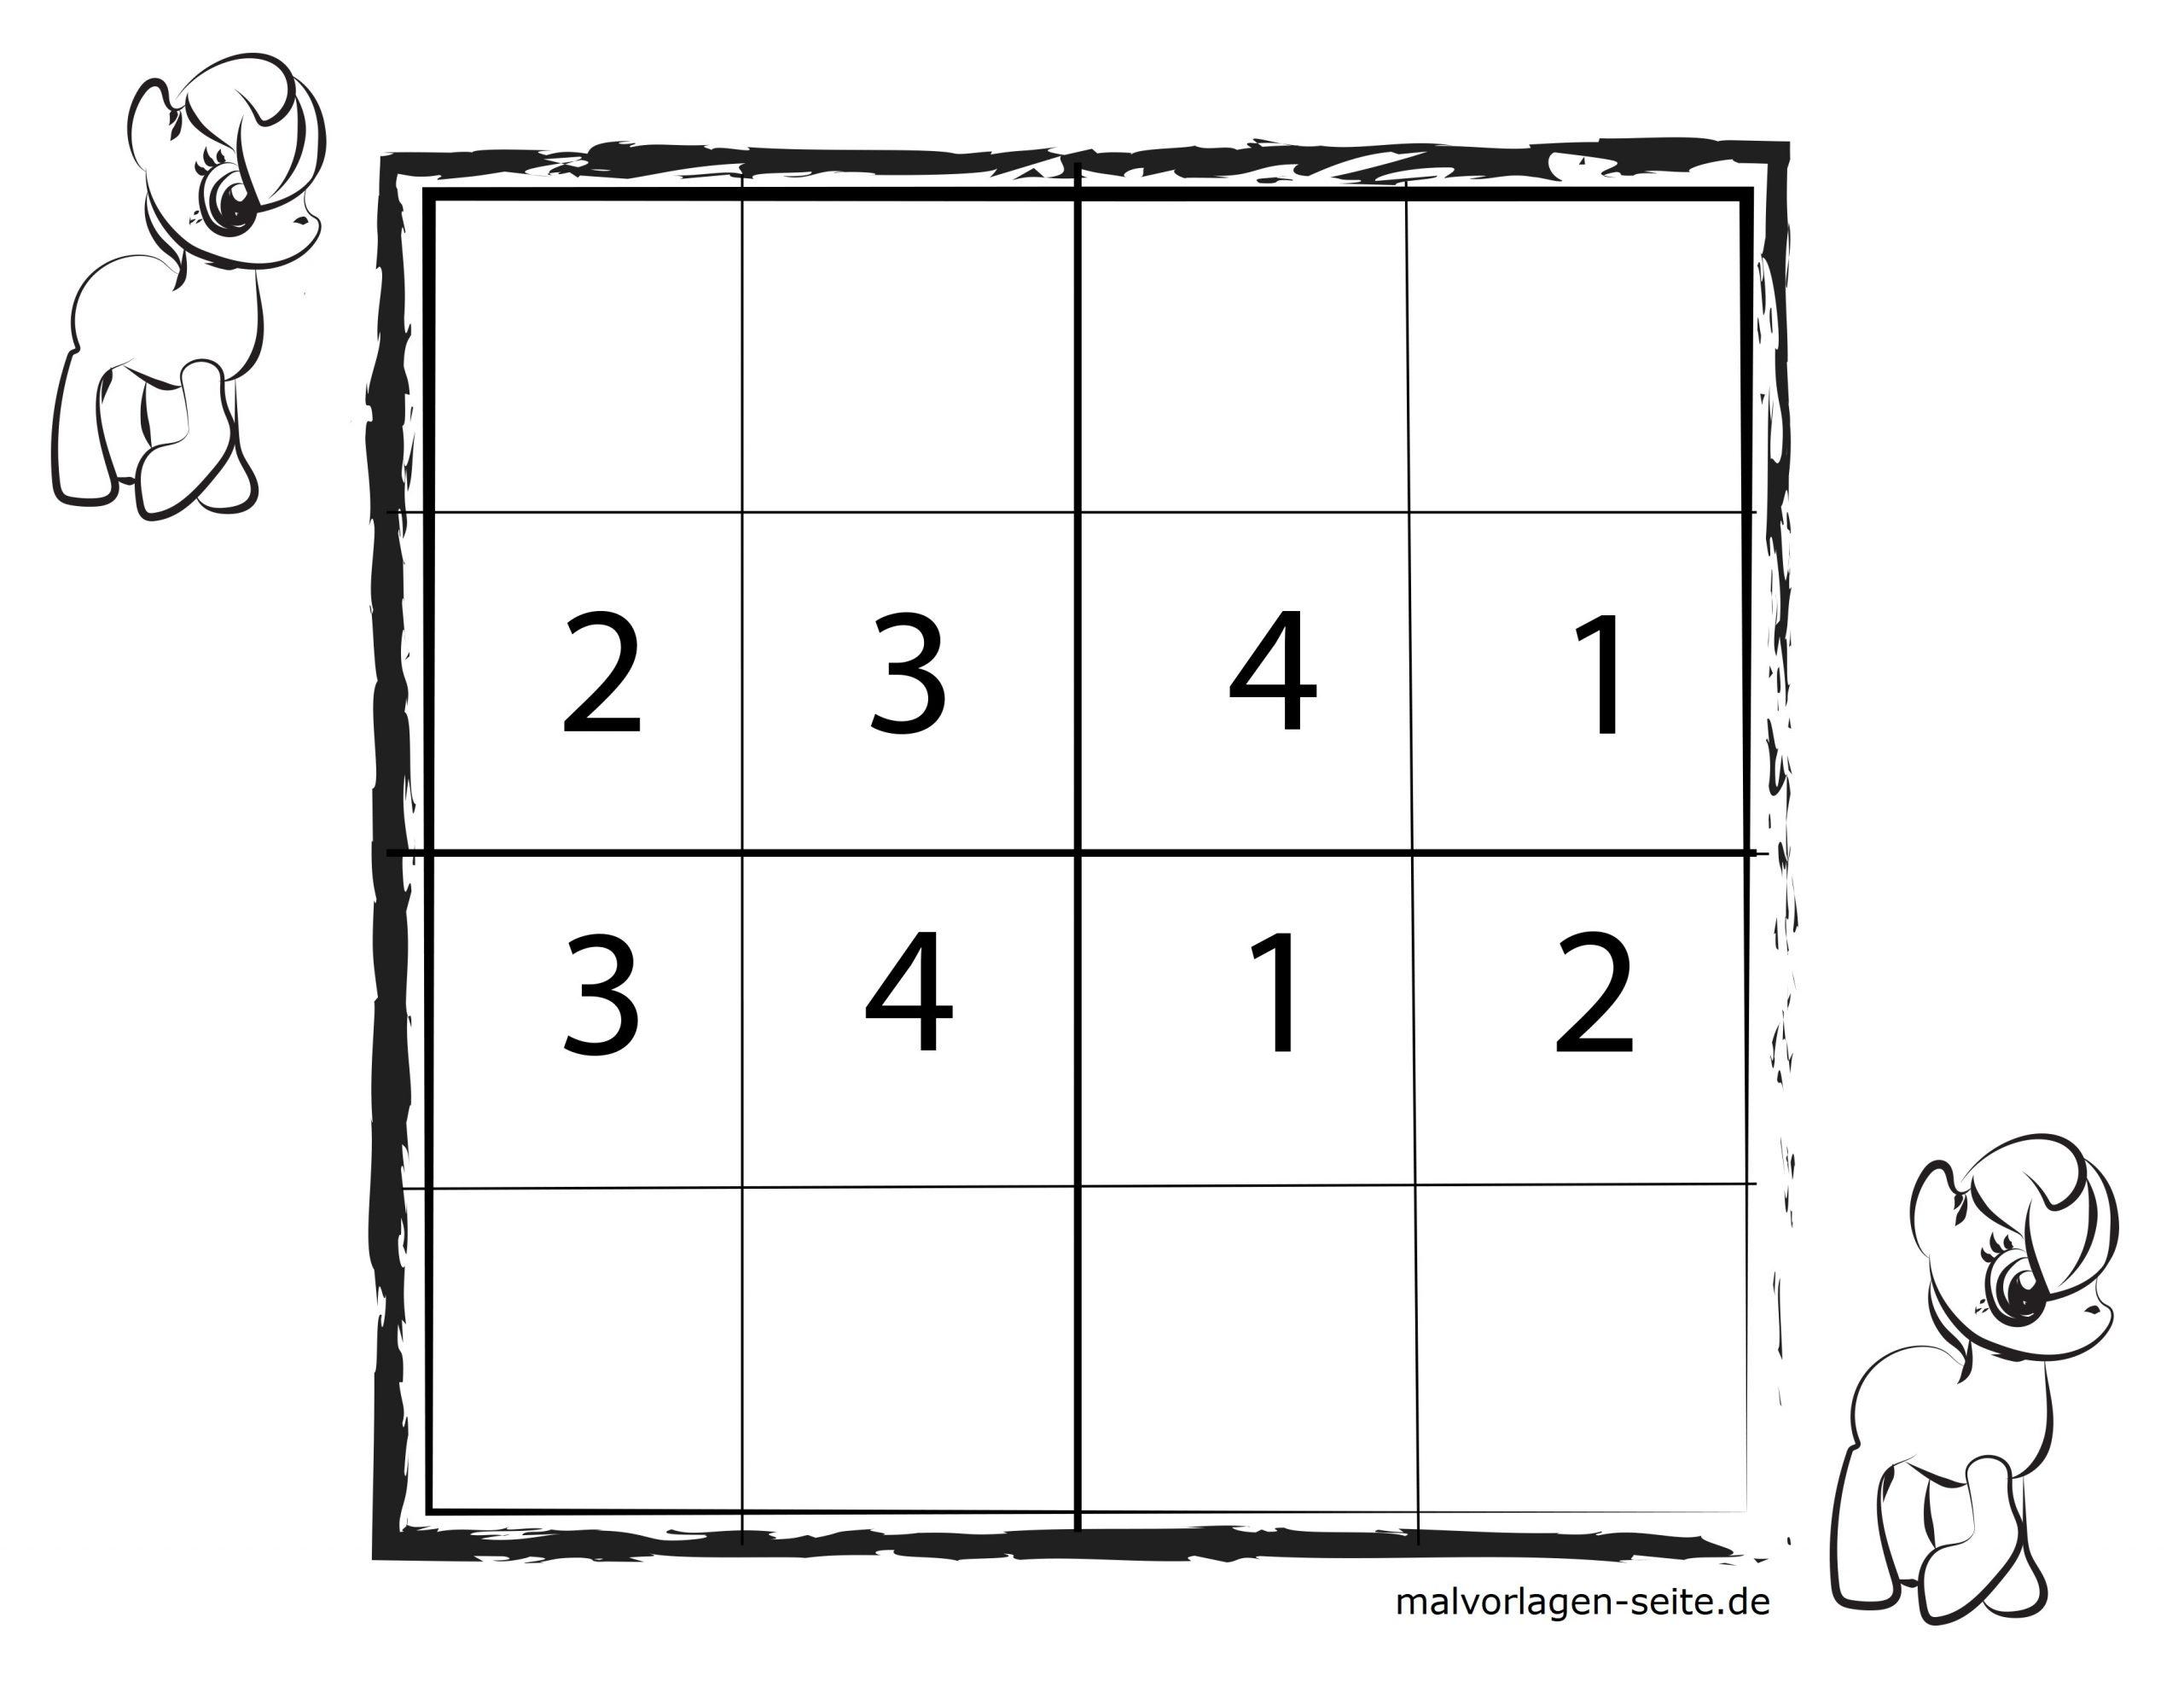 Sudoko Vorlagen Für Kinder 4X4 Kostenlos Herunderladen Und in Sudoku Kostenlos Ausdrucken